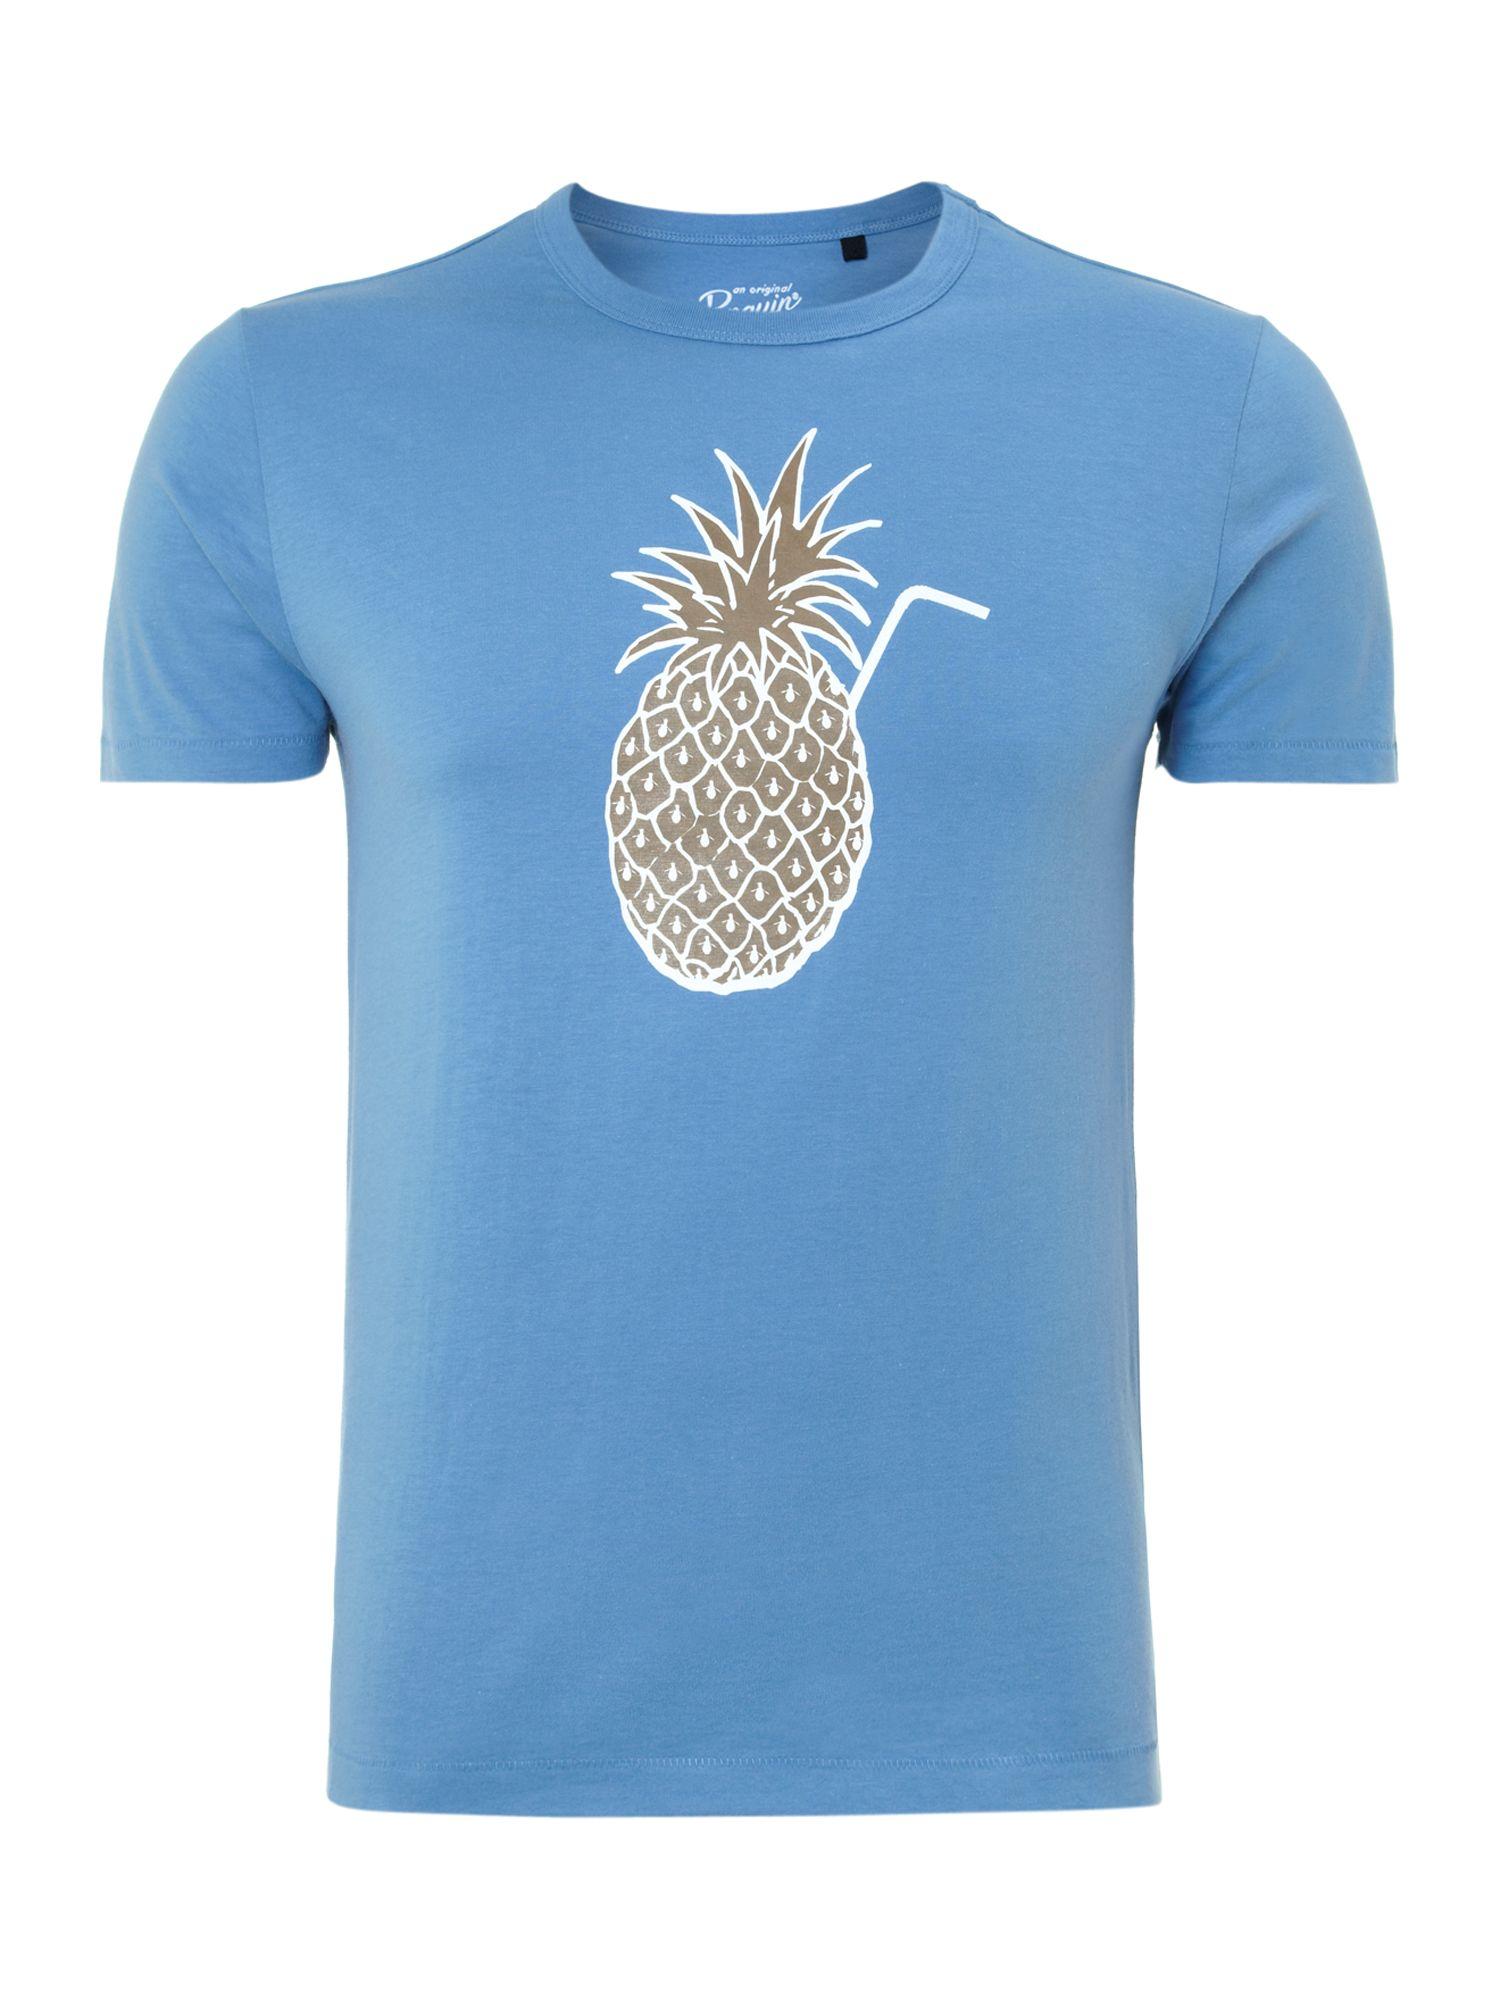 original penguin pina coloda print t shirt in blue for men. Black Bedroom Furniture Sets. Home Design Ideas